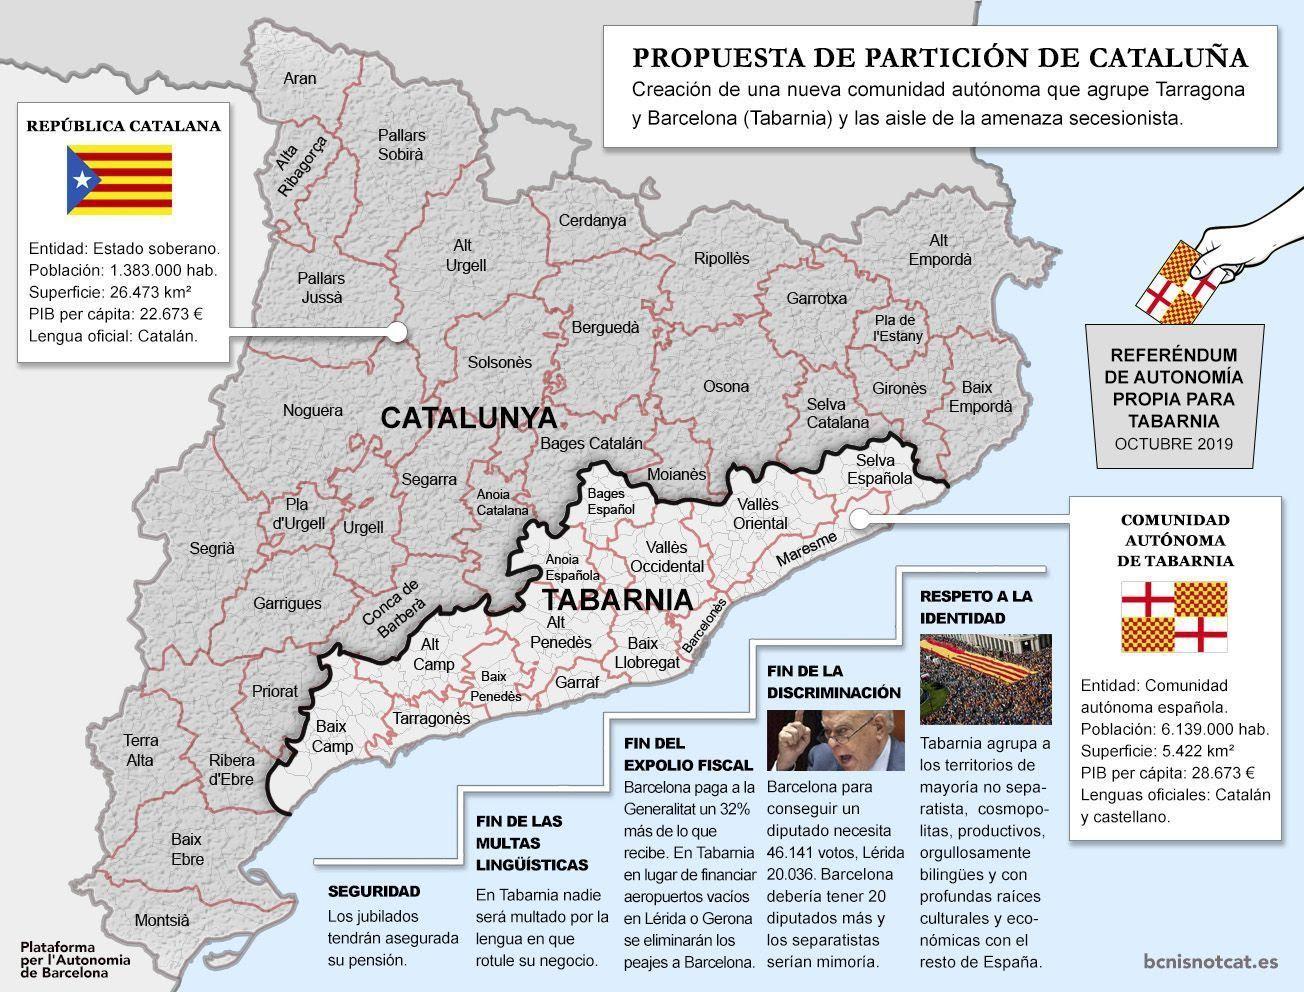 Propuesta de participación de Cataluña entre zonas de mayoría separatista (exceptuando el Valle de Arán) y Tabarnia